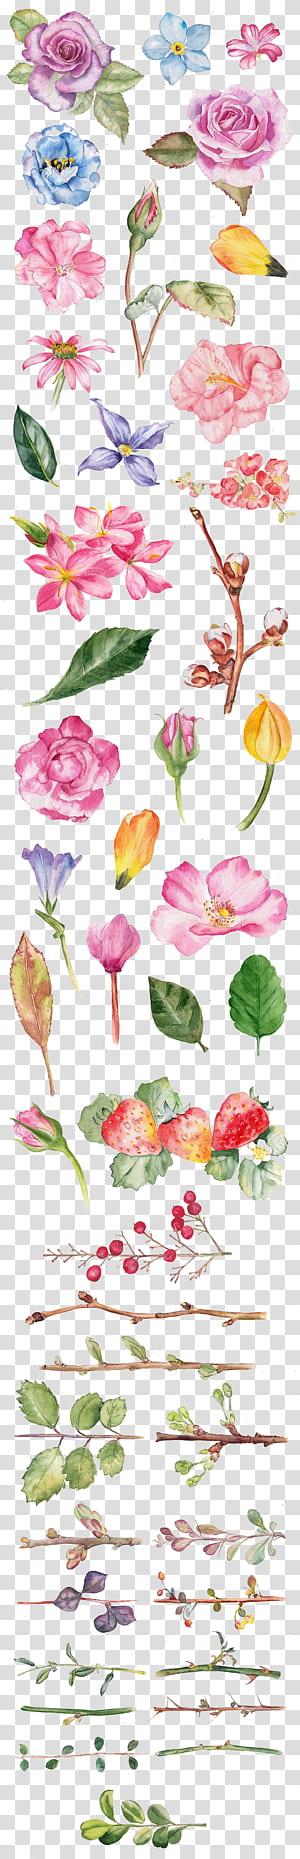 Lukisan Cat Air Gambar Bunga Ilustrasi, Cat air mawar, berbagai macam warna bunga dengan latar belakang biru png